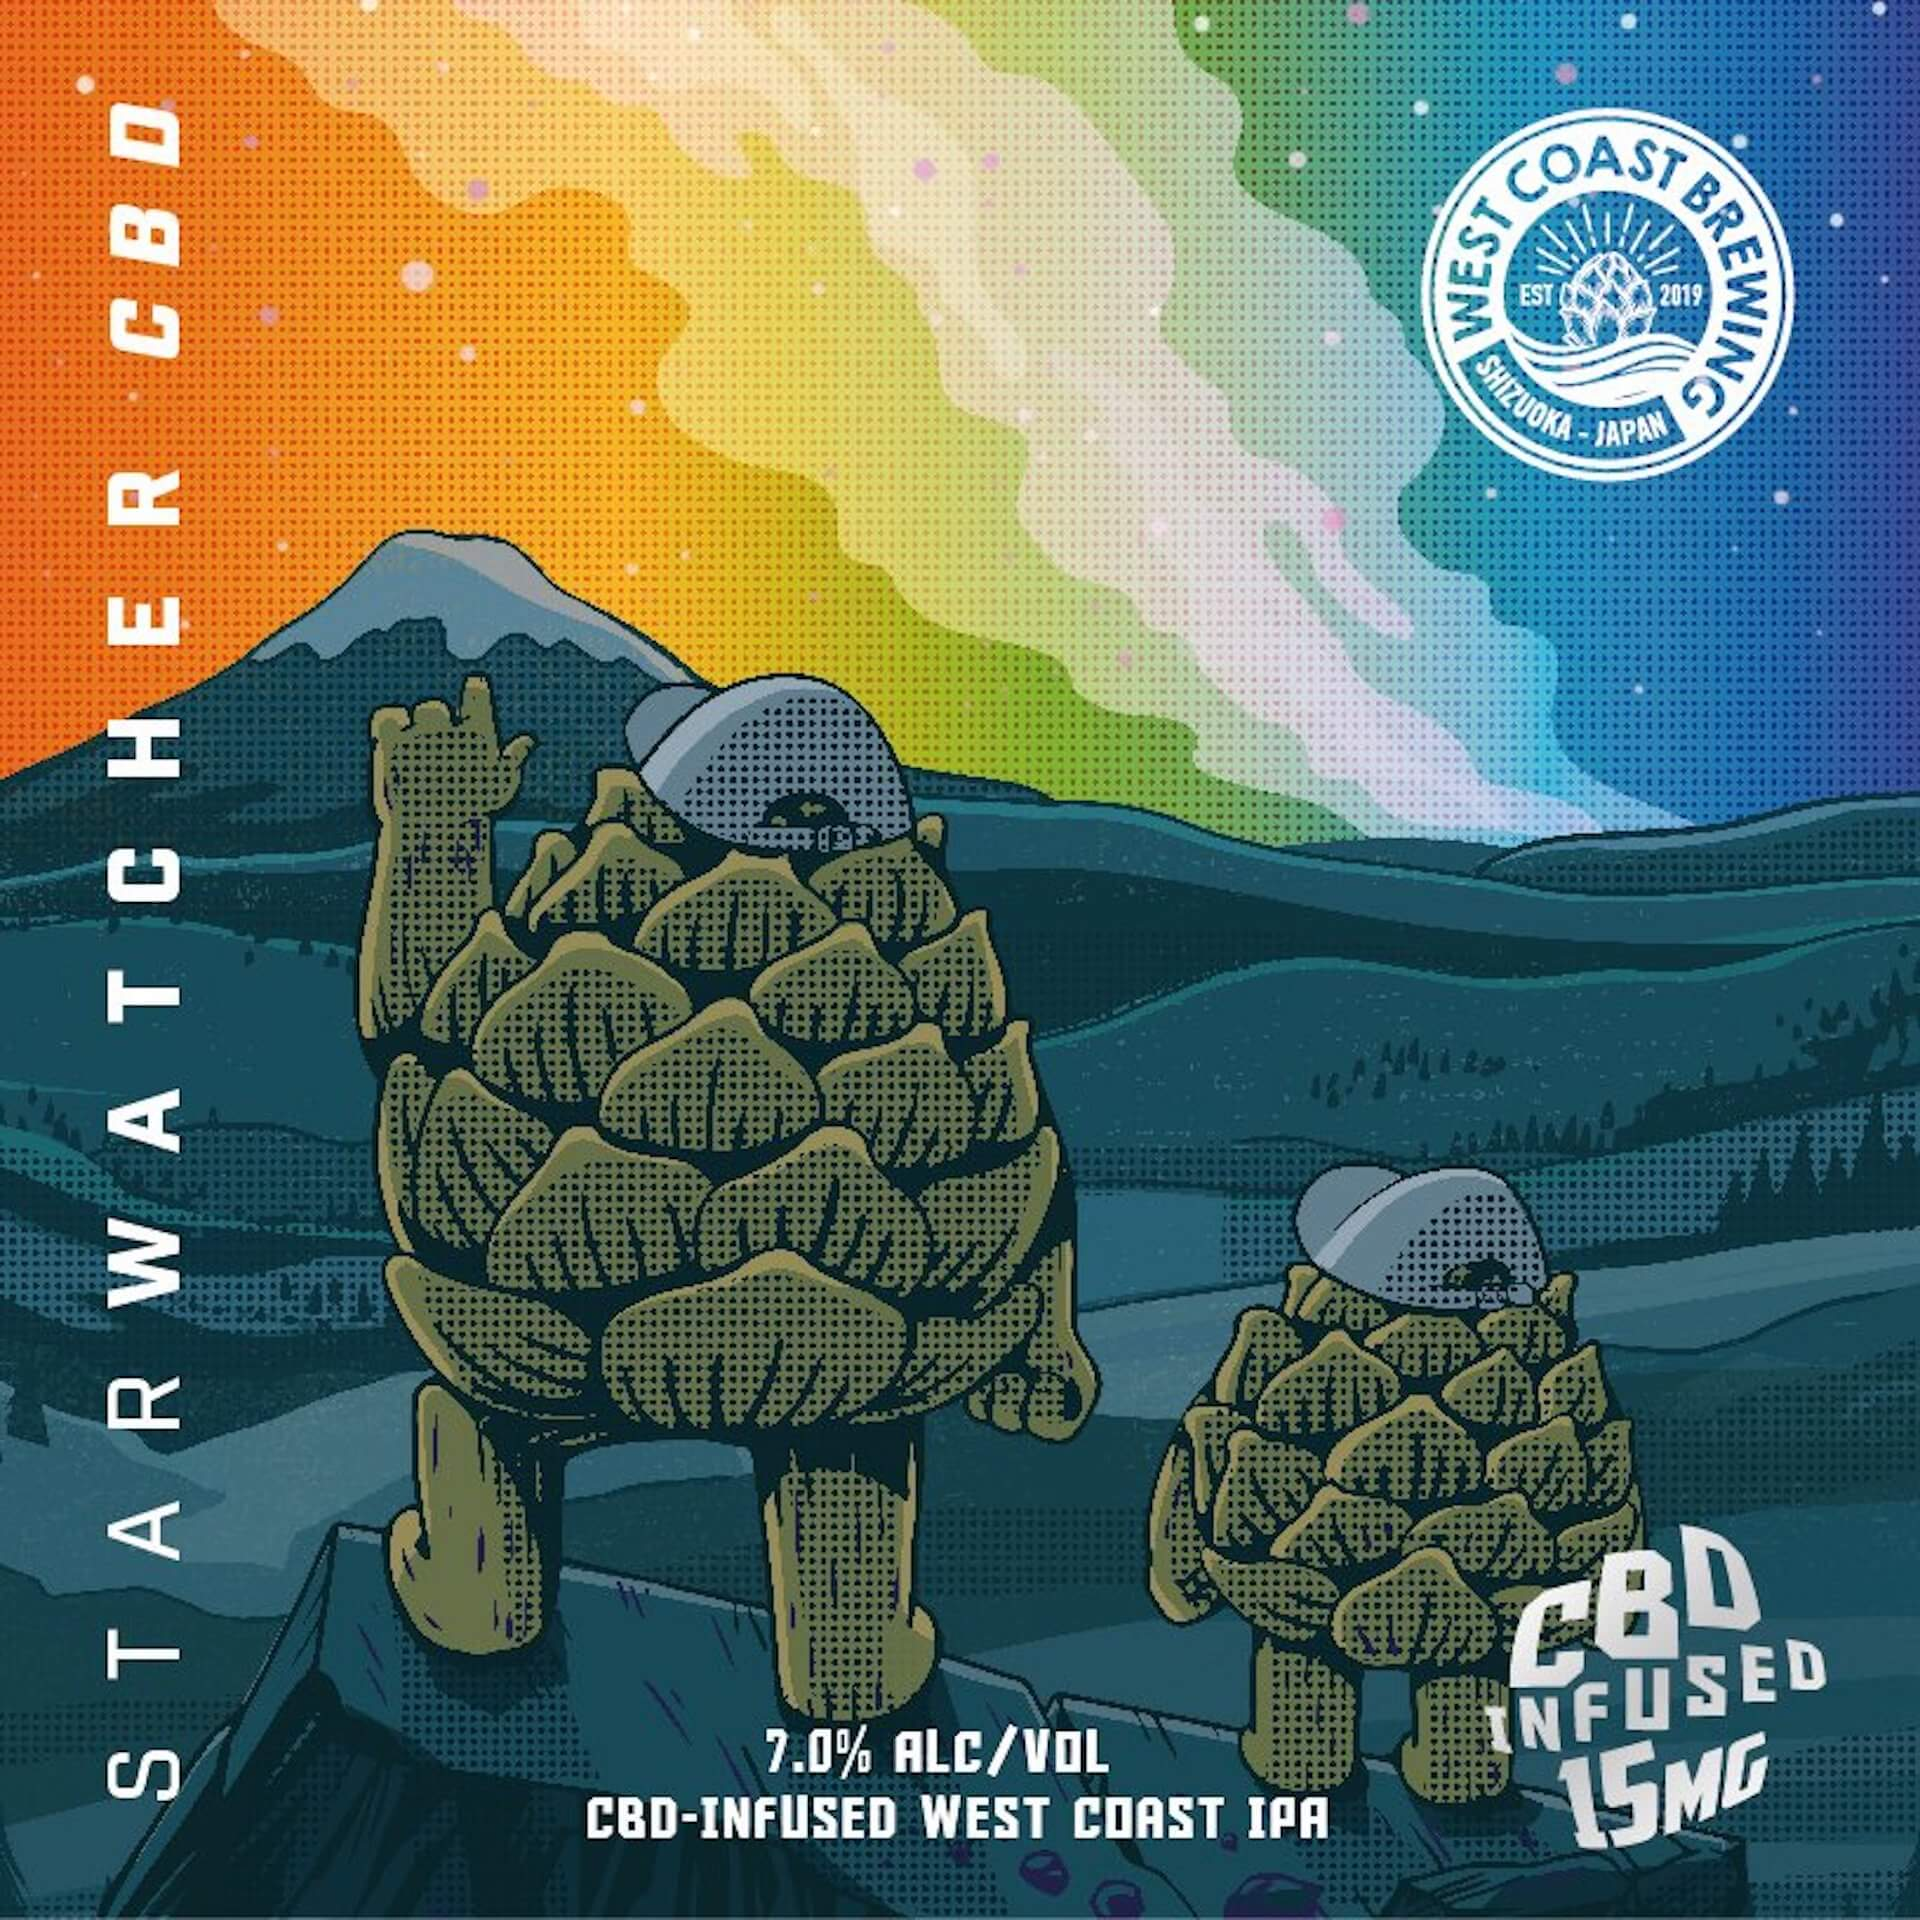 初回販売分即完売で話題のCBD入りビール『Starwatcher CBD』が追加販売スタート! gourmet210422_westcoastbrewing-210422_3